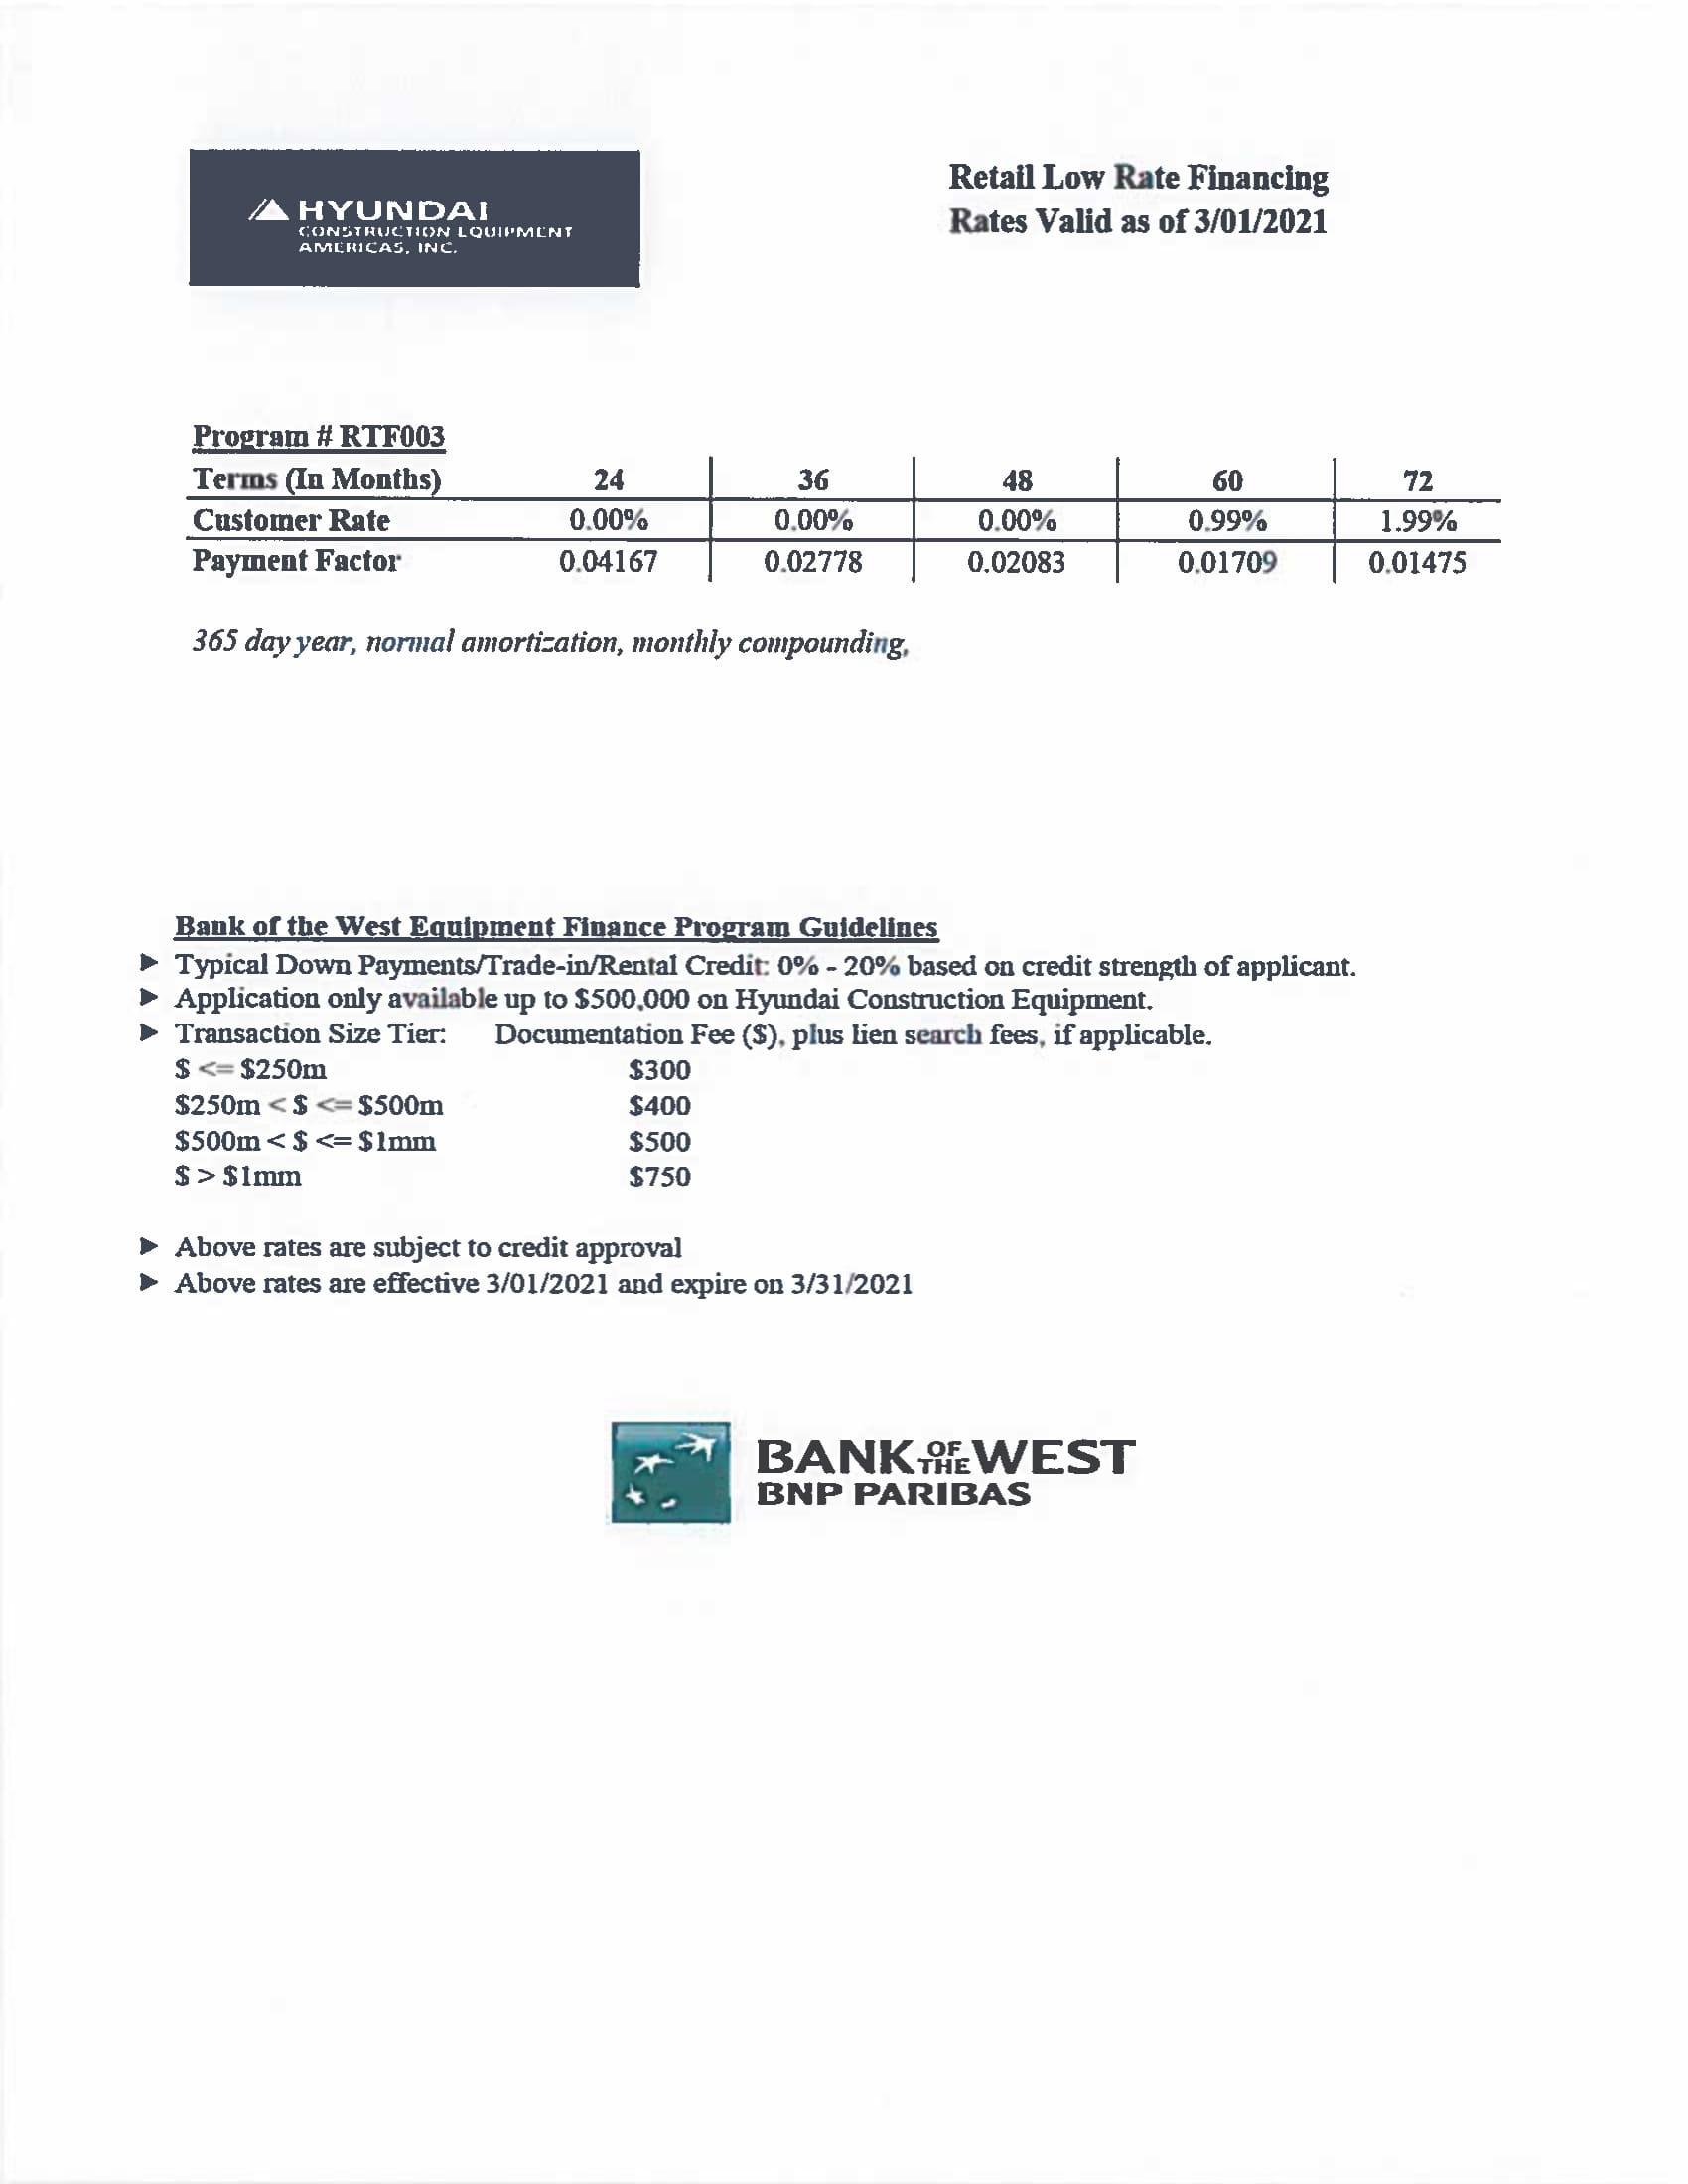 Hyundai Equipment Promo Rates